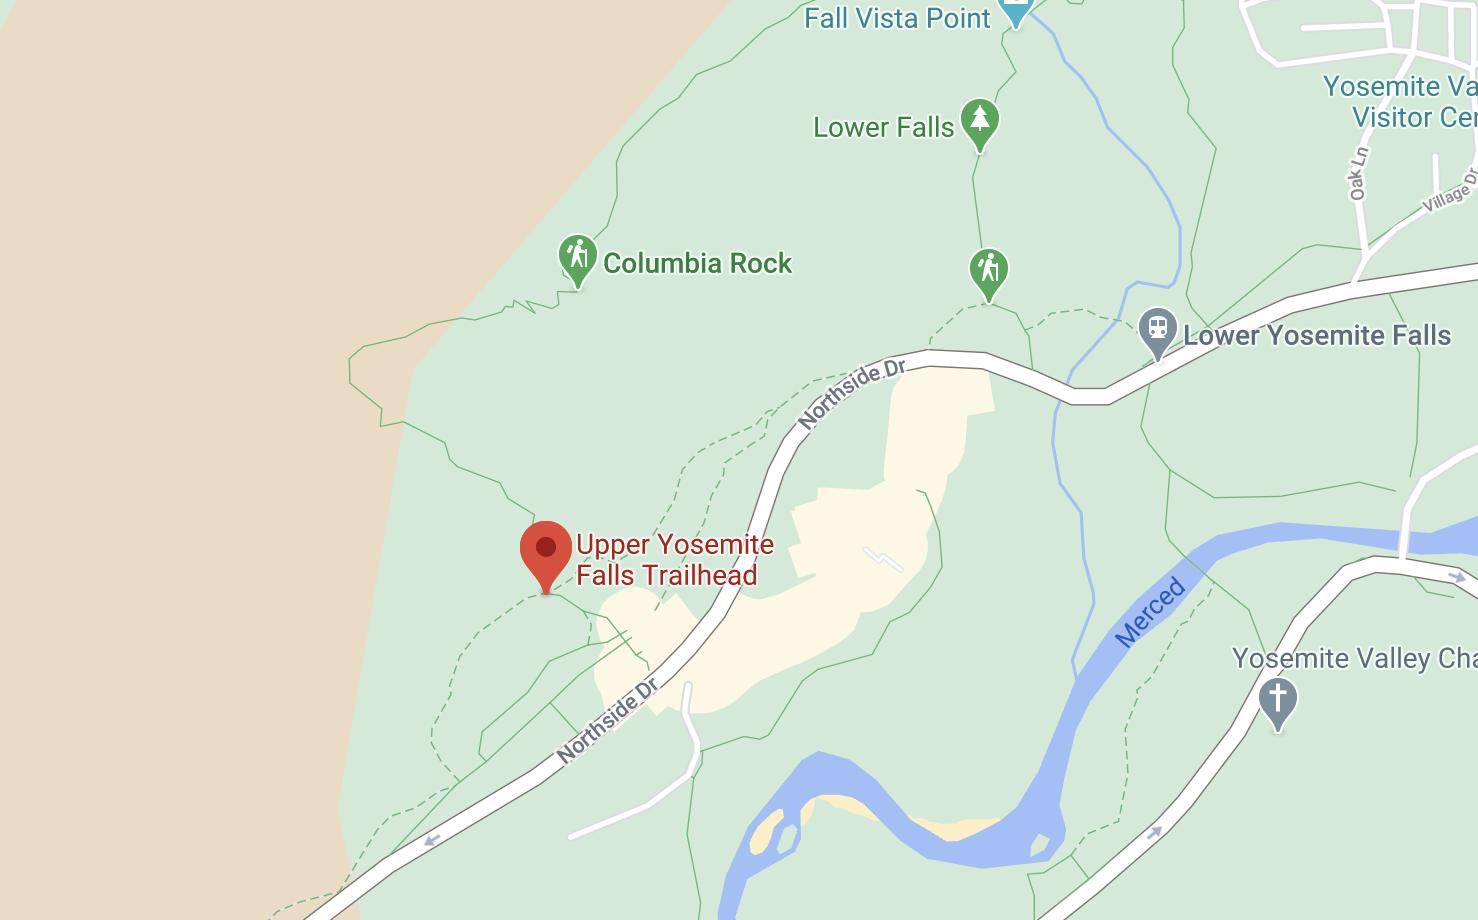 Yosemite upper falls trailhead